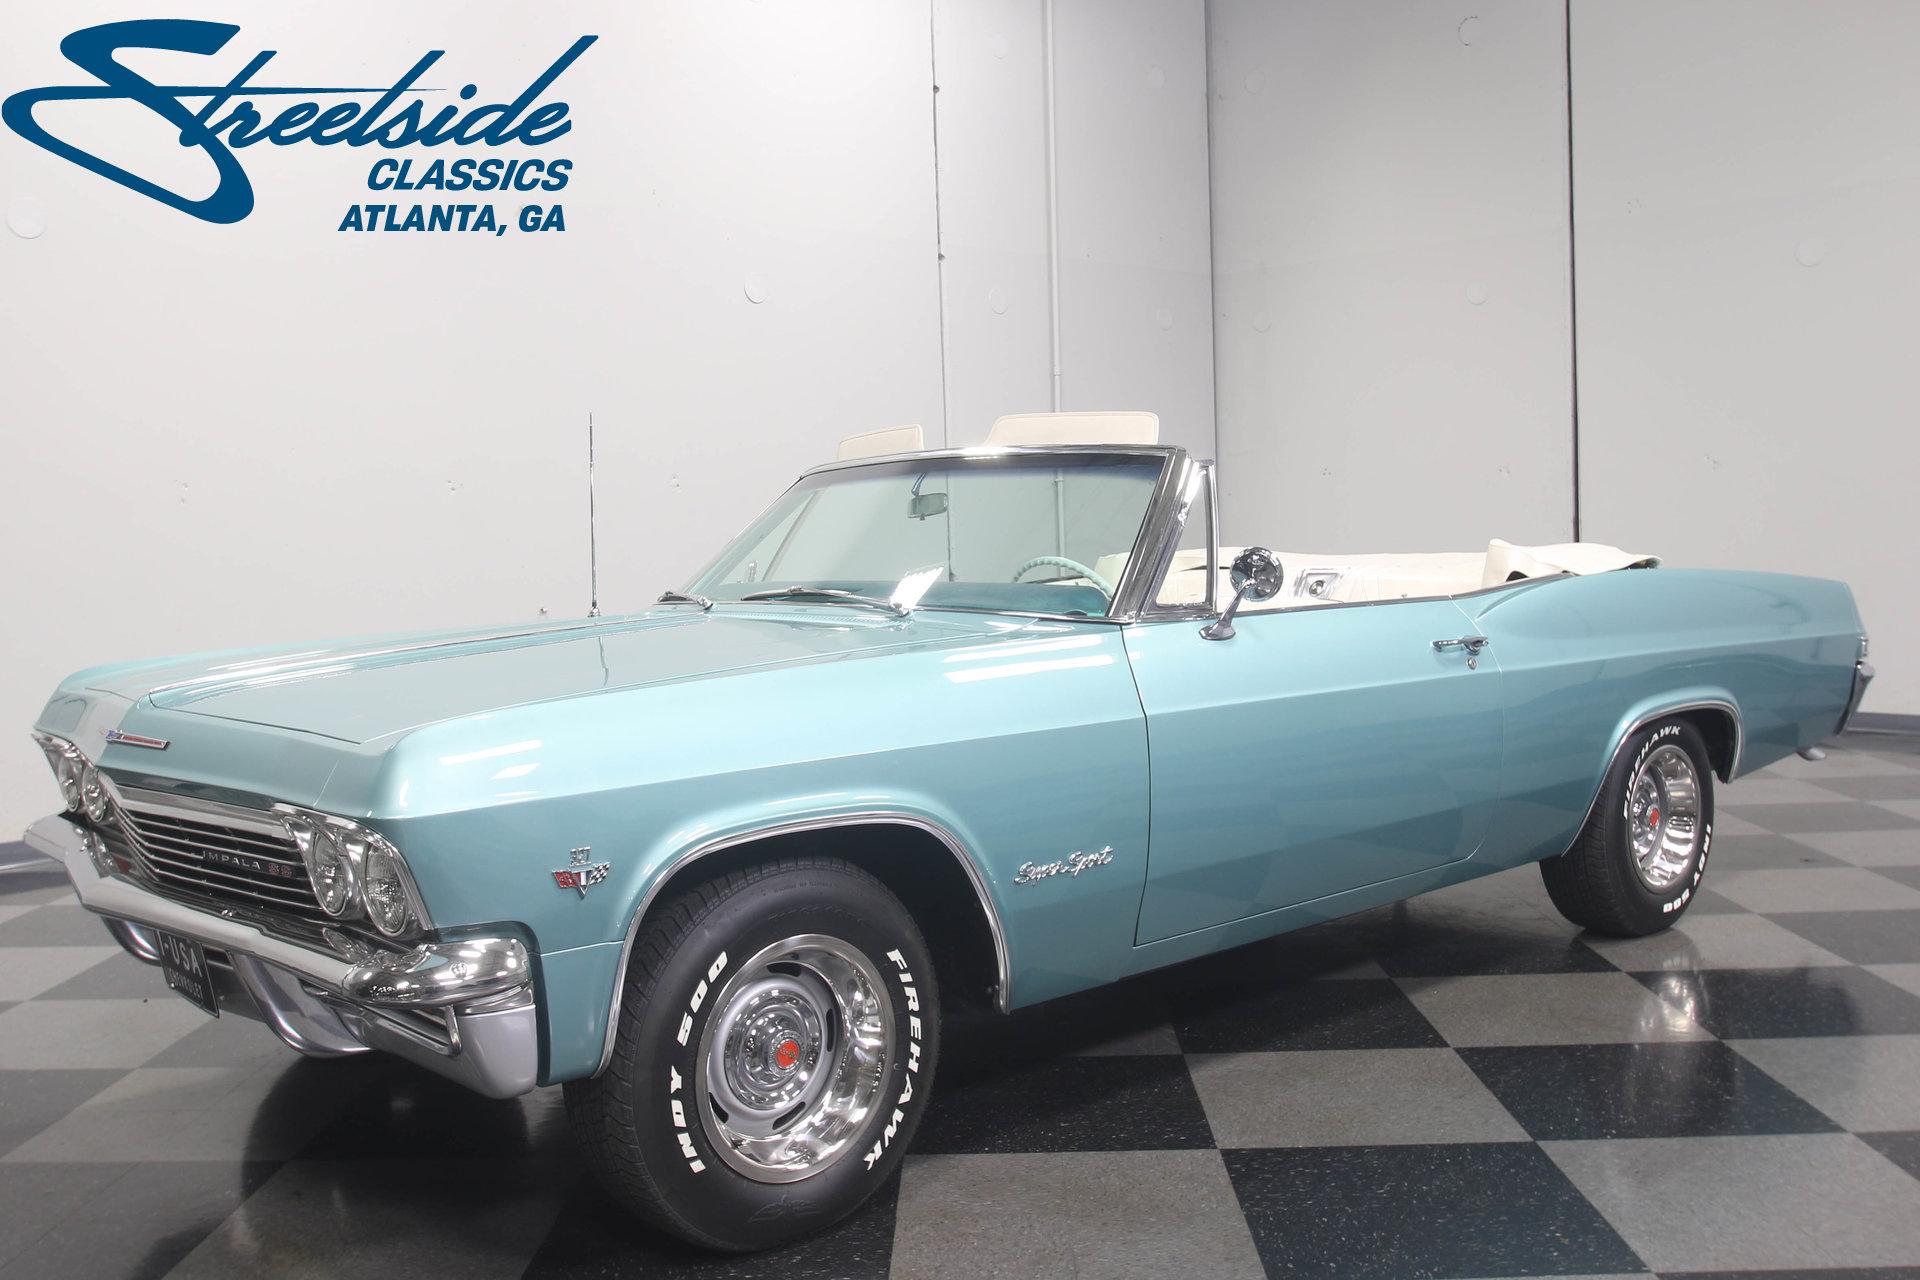 1965 Chevrolet Impala SS | eBay